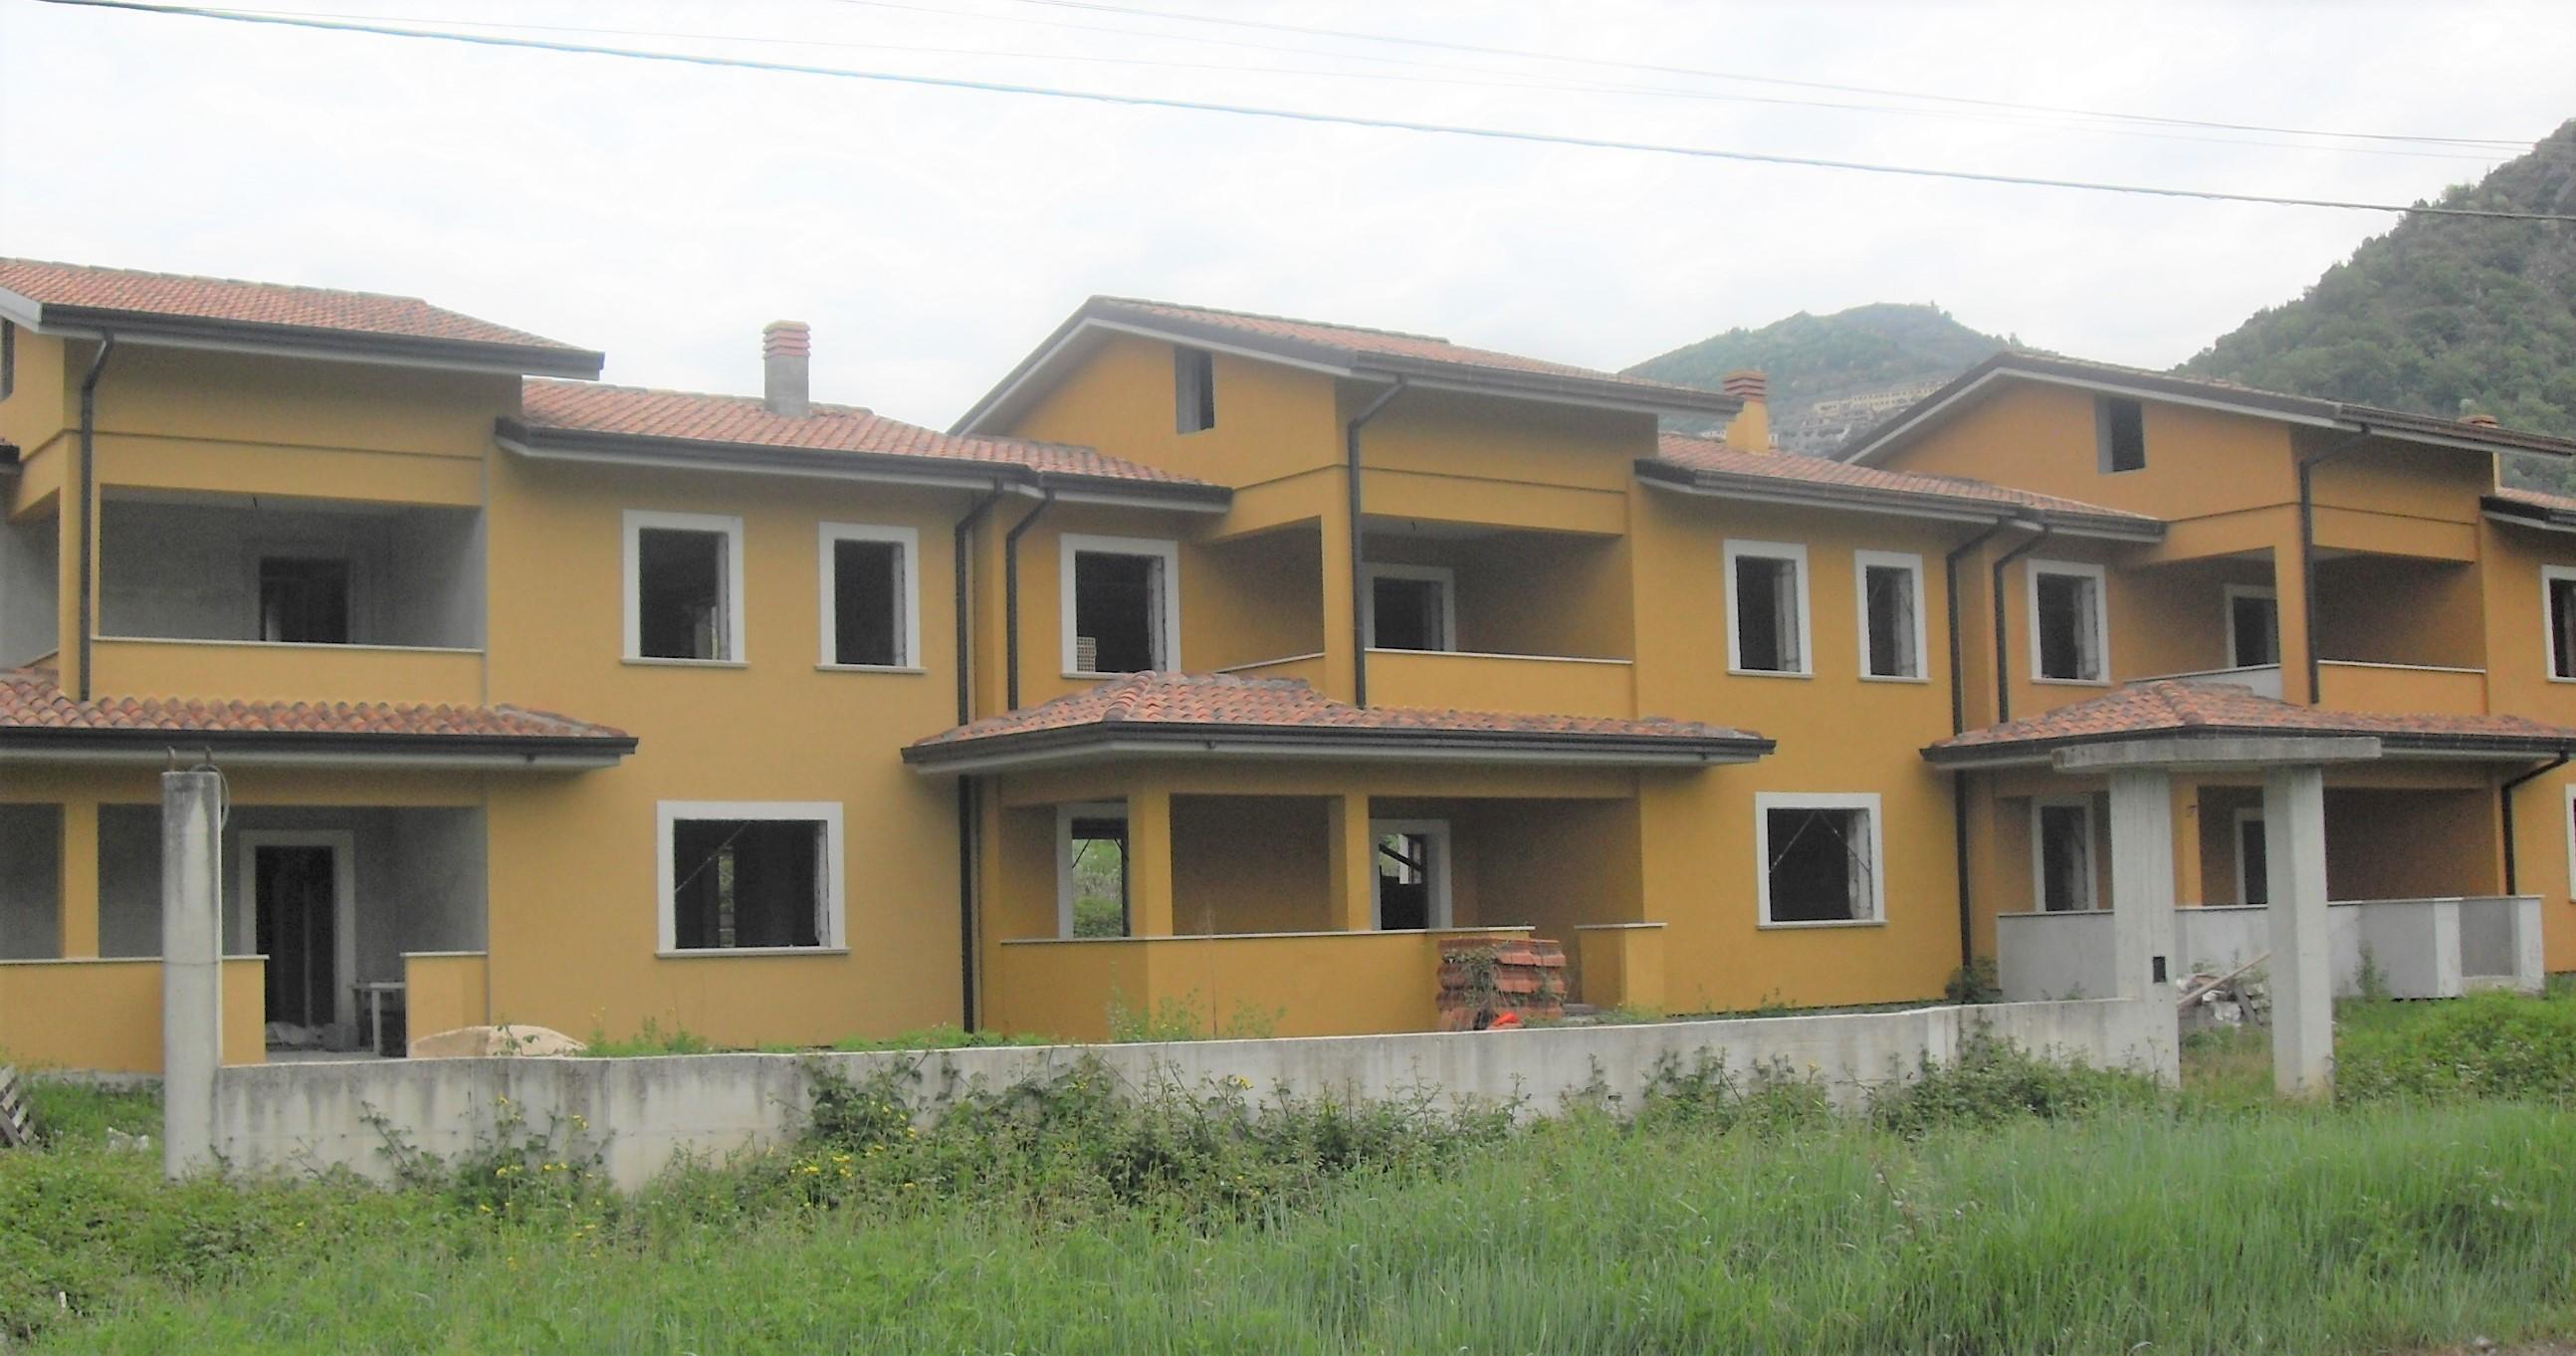 Villette in vendita nuova costruzione primacasa agenzia immobiliare - Agevolazioni costruzione prima casa ...